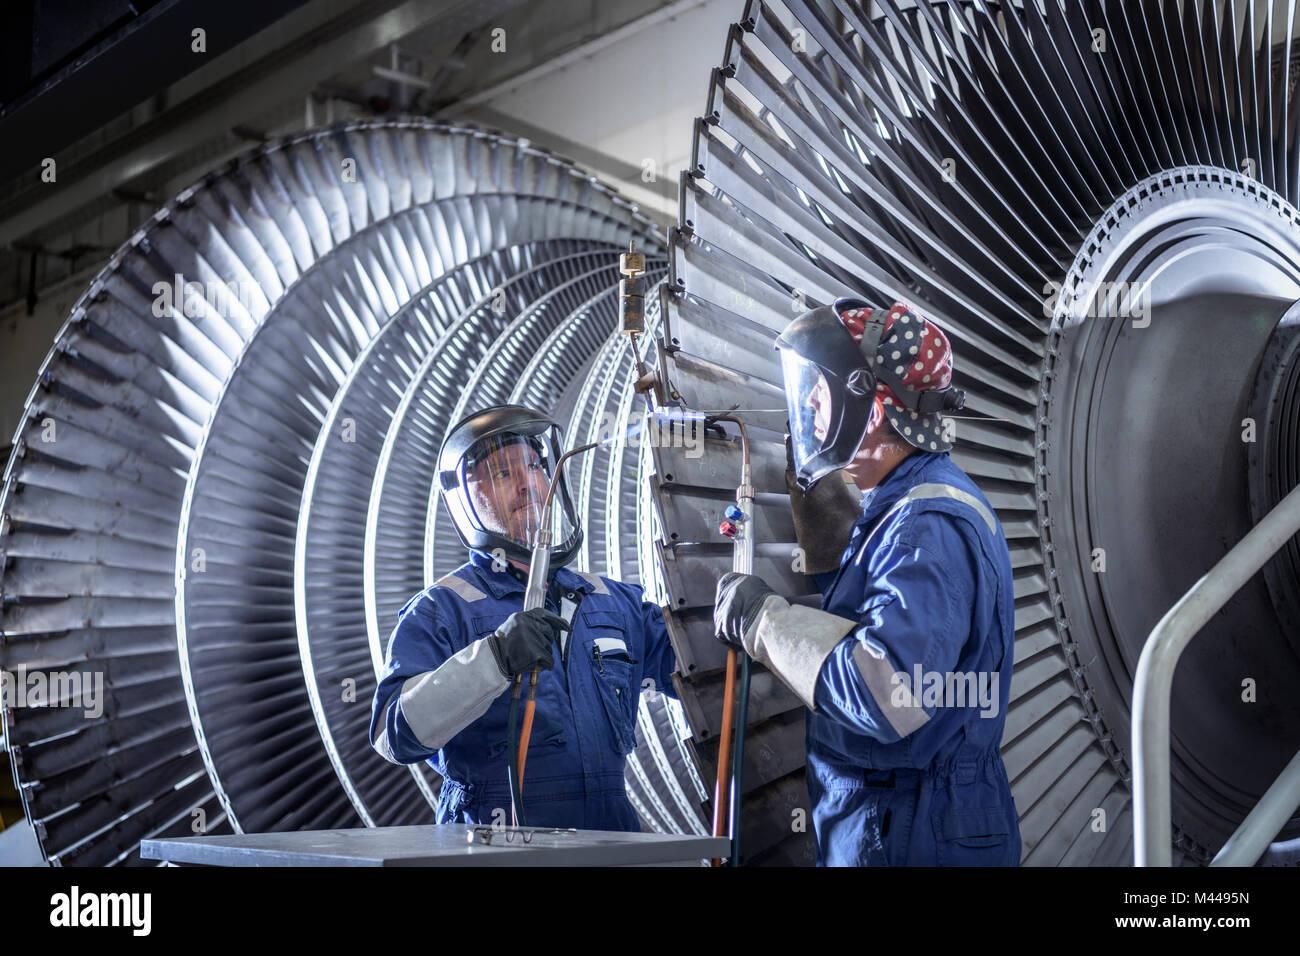 Extrémités de brasage des ingénieurs sur des lames de turbine à vapeur basse pression dans l'usine de maintenance Banque D'Images